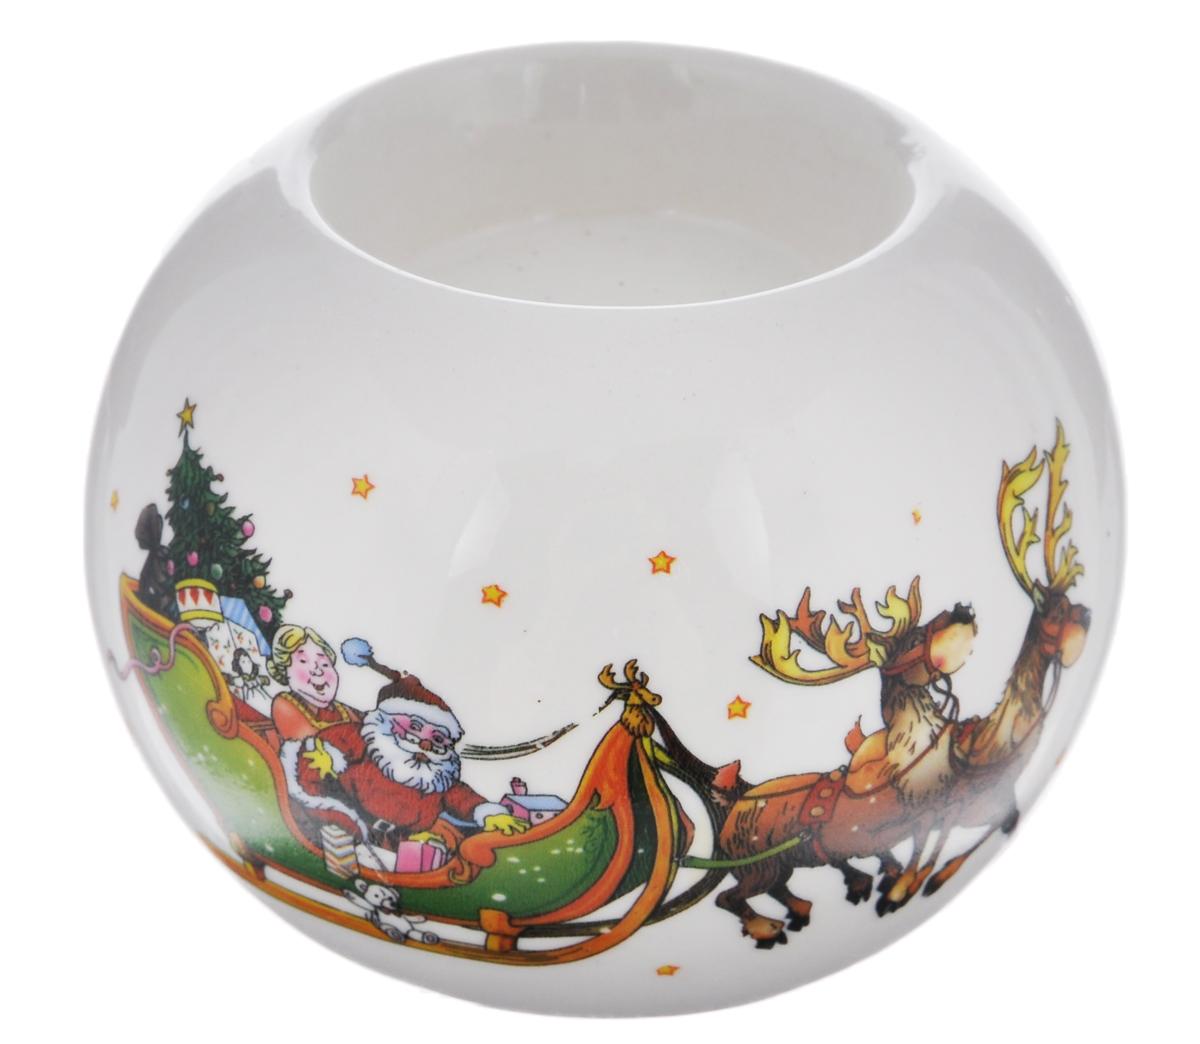 Подсвечник Winter Wings Дед Мороз, 7,5 см х 7,5 см х 5,5 смN162741Подсвечник Winter Wings Дед Мороз, изготовленный из керамики, станет прекрасным украшением интерьера помещения в преддверии Нового года. Подсвечник украшен красивым новогодним изображением Деда Мороза на санях. Имеется одно отверстие для чайной свечи (свеча в комплект не входит). Зажигать свечи в Новый год - неизменная традиция, которая позволяет наполнить дом волшебством и таинственностью новогодней ночи.